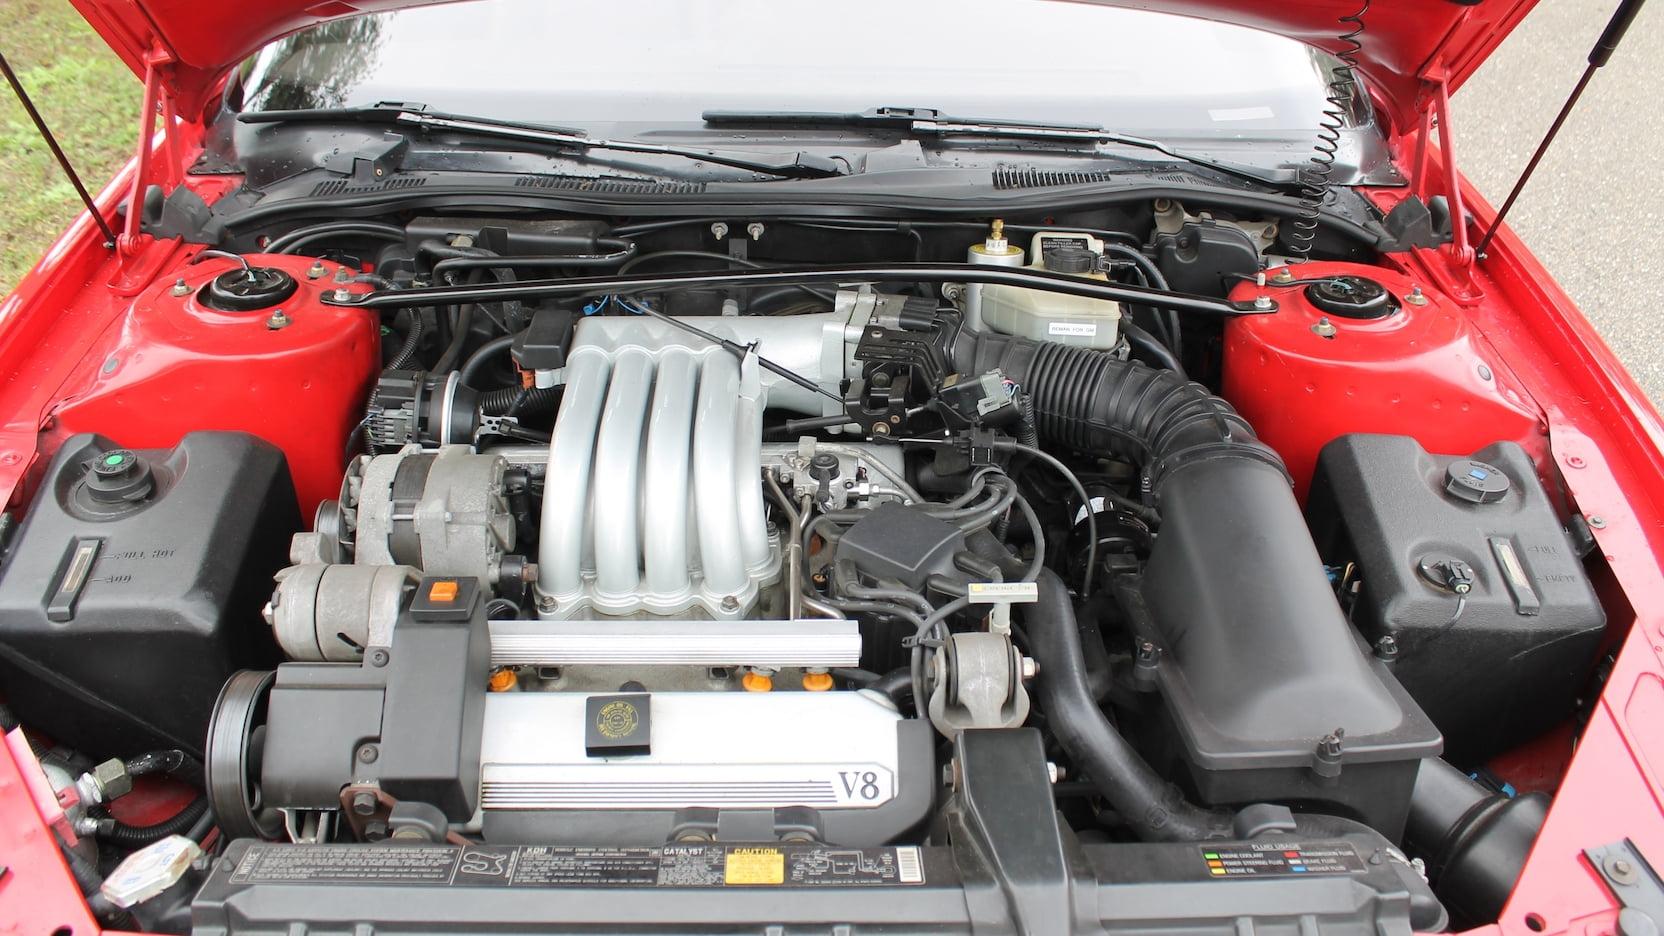 1992 Cadillac Allante engine